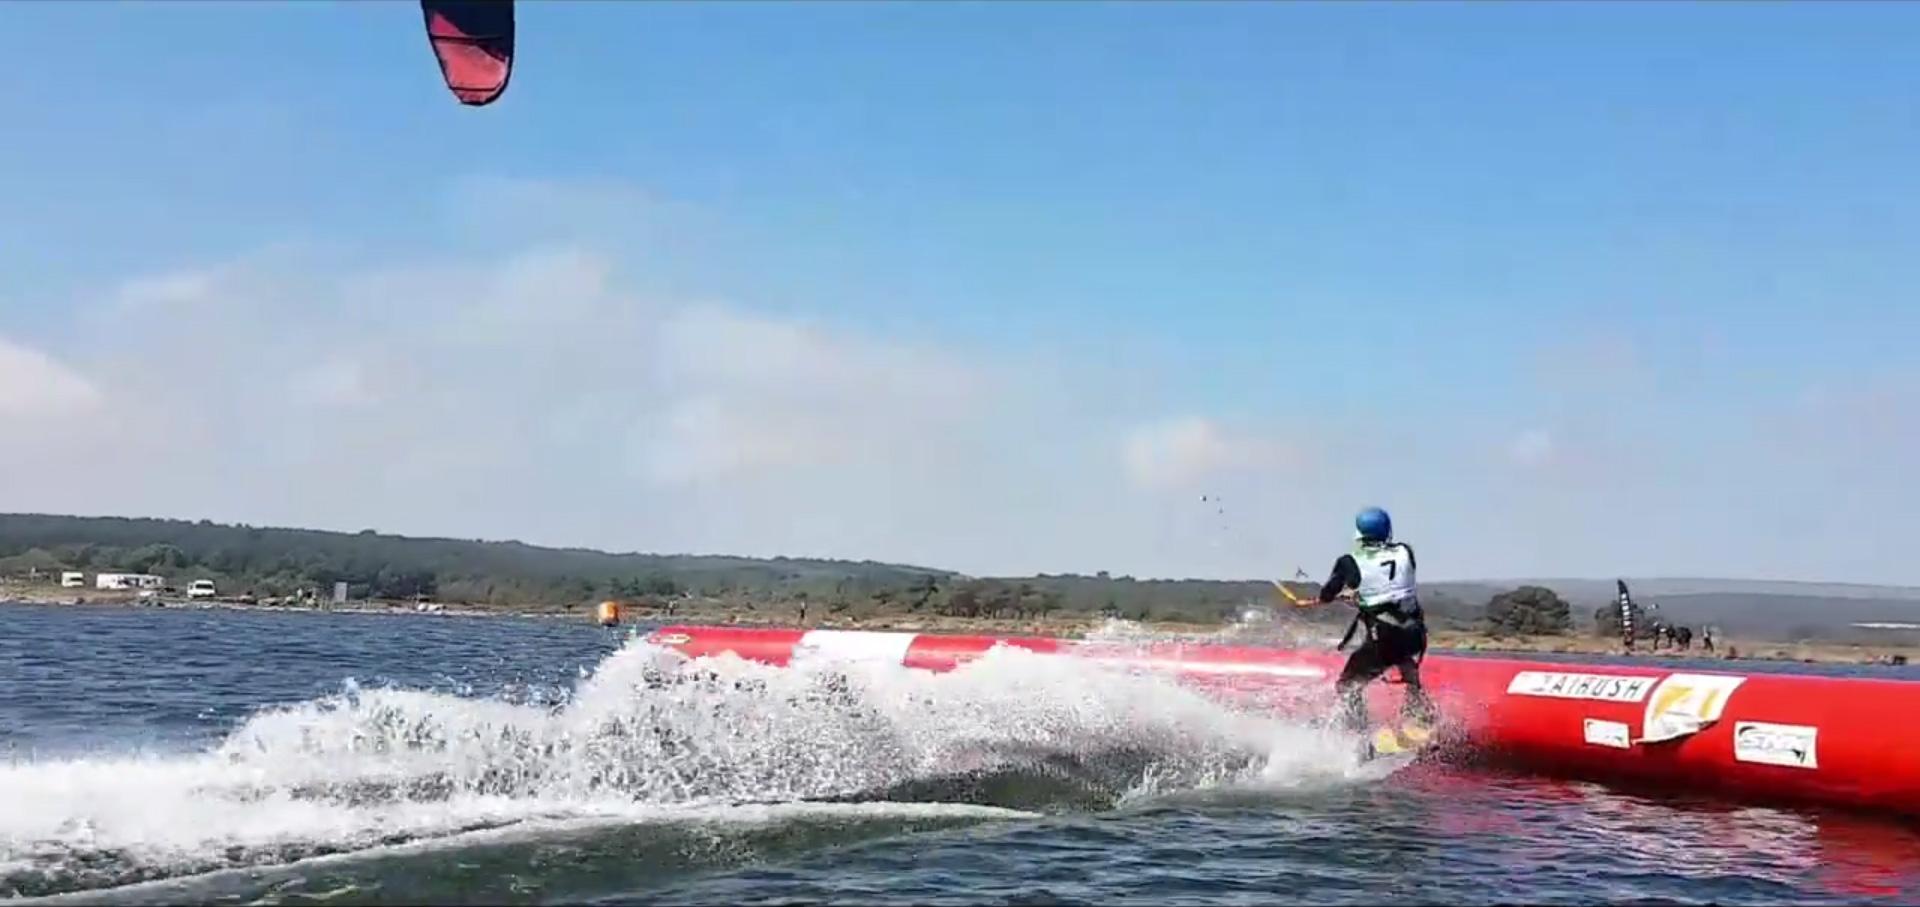 Vidéo officielle de la Coupe de France de Kite BoarderCross